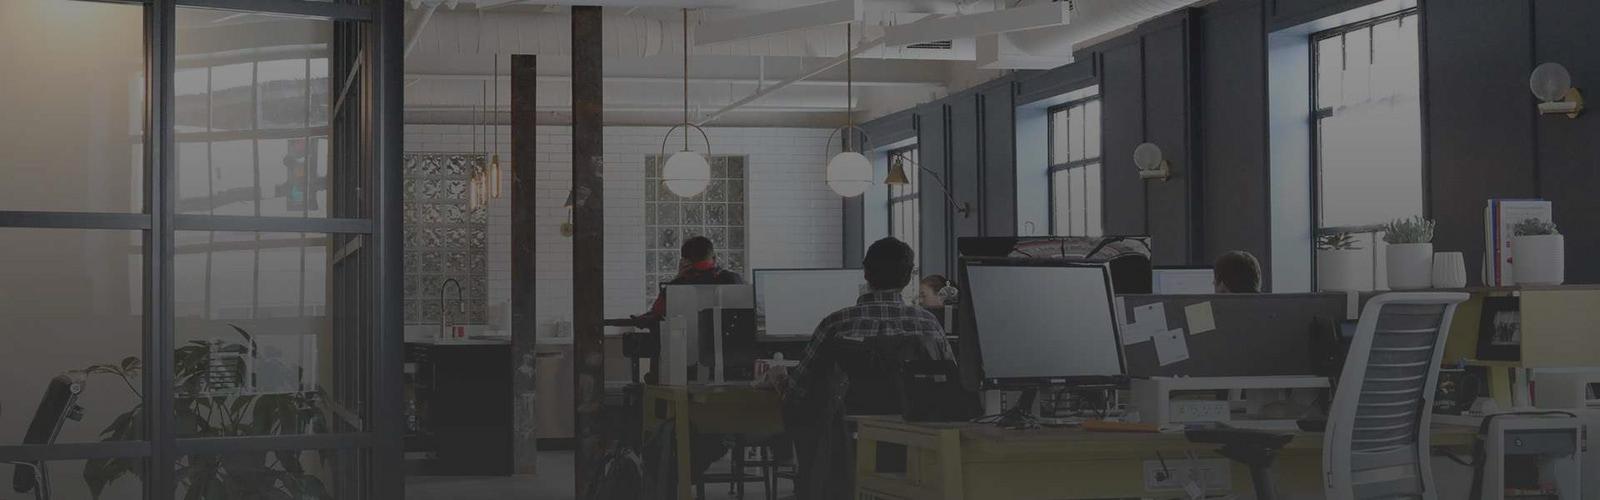 Louer un espace de travail en open-space